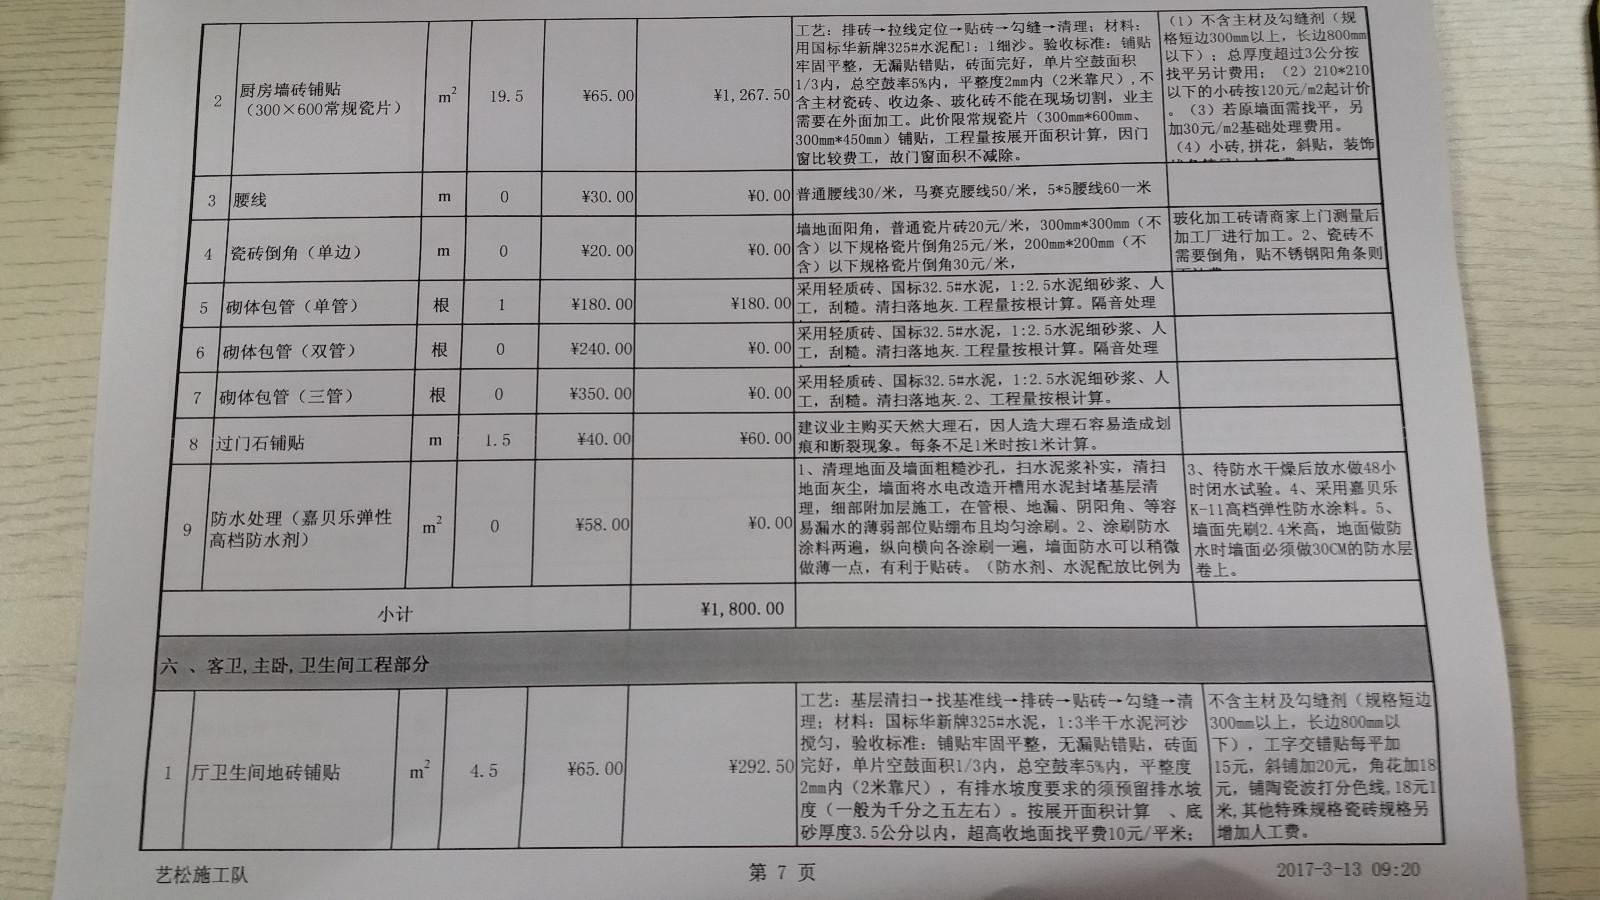 长源假日港湾报价审核结果6